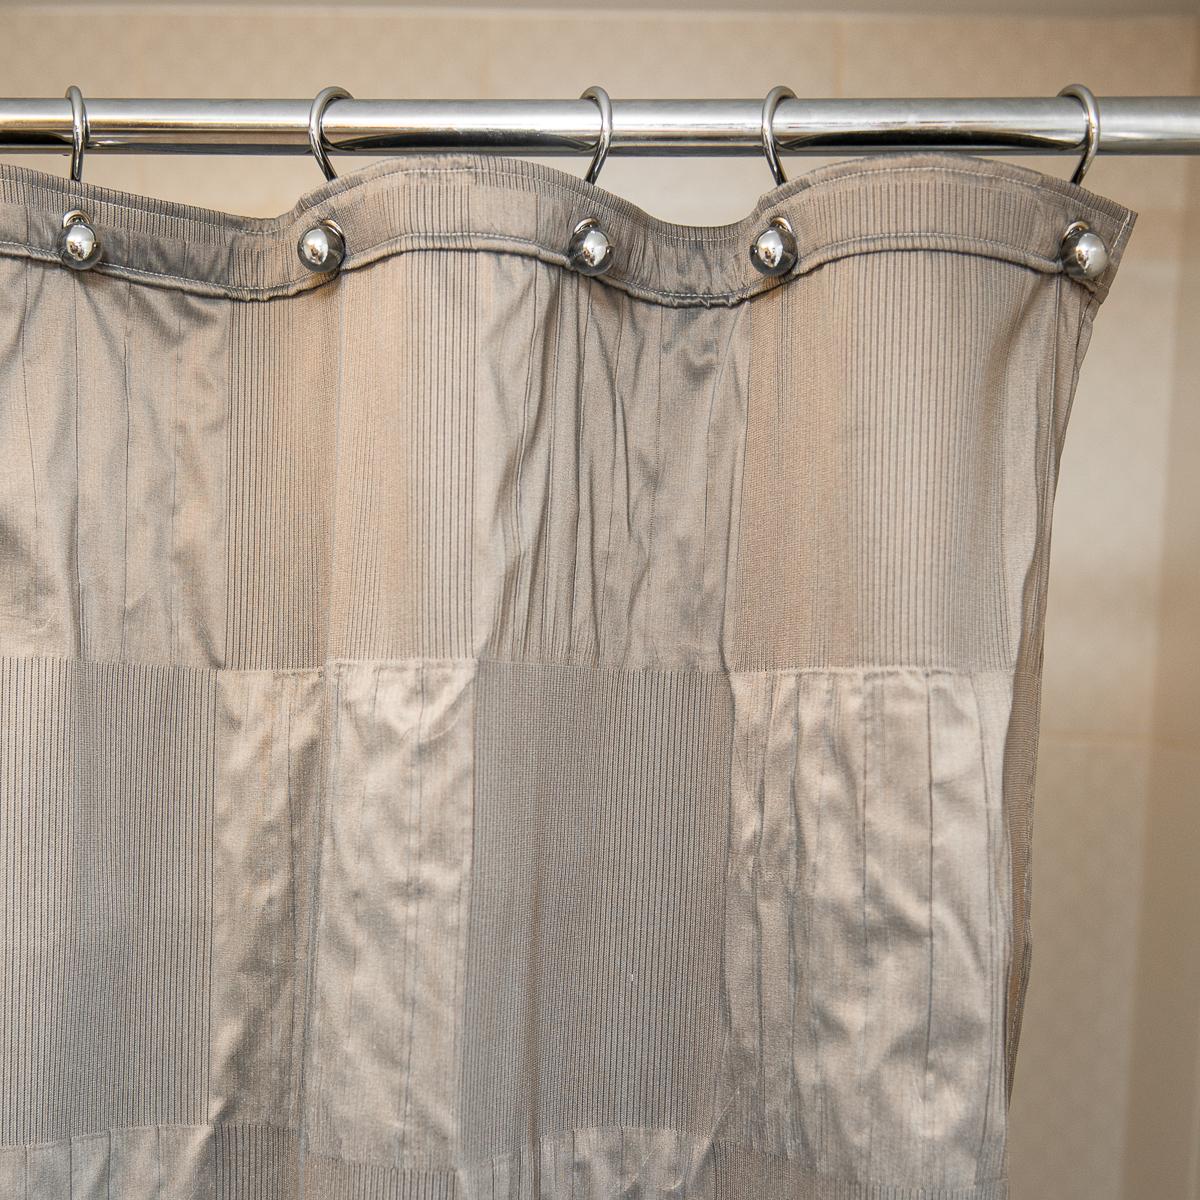 Шторки Шторка для ванной 200х240 Arti-Deco Cairo Blance + Liso White elitnaya-shtorka-dlya-vannoy-200-240-cairo-blance-ot-arti-deco-ispaniya.jpg